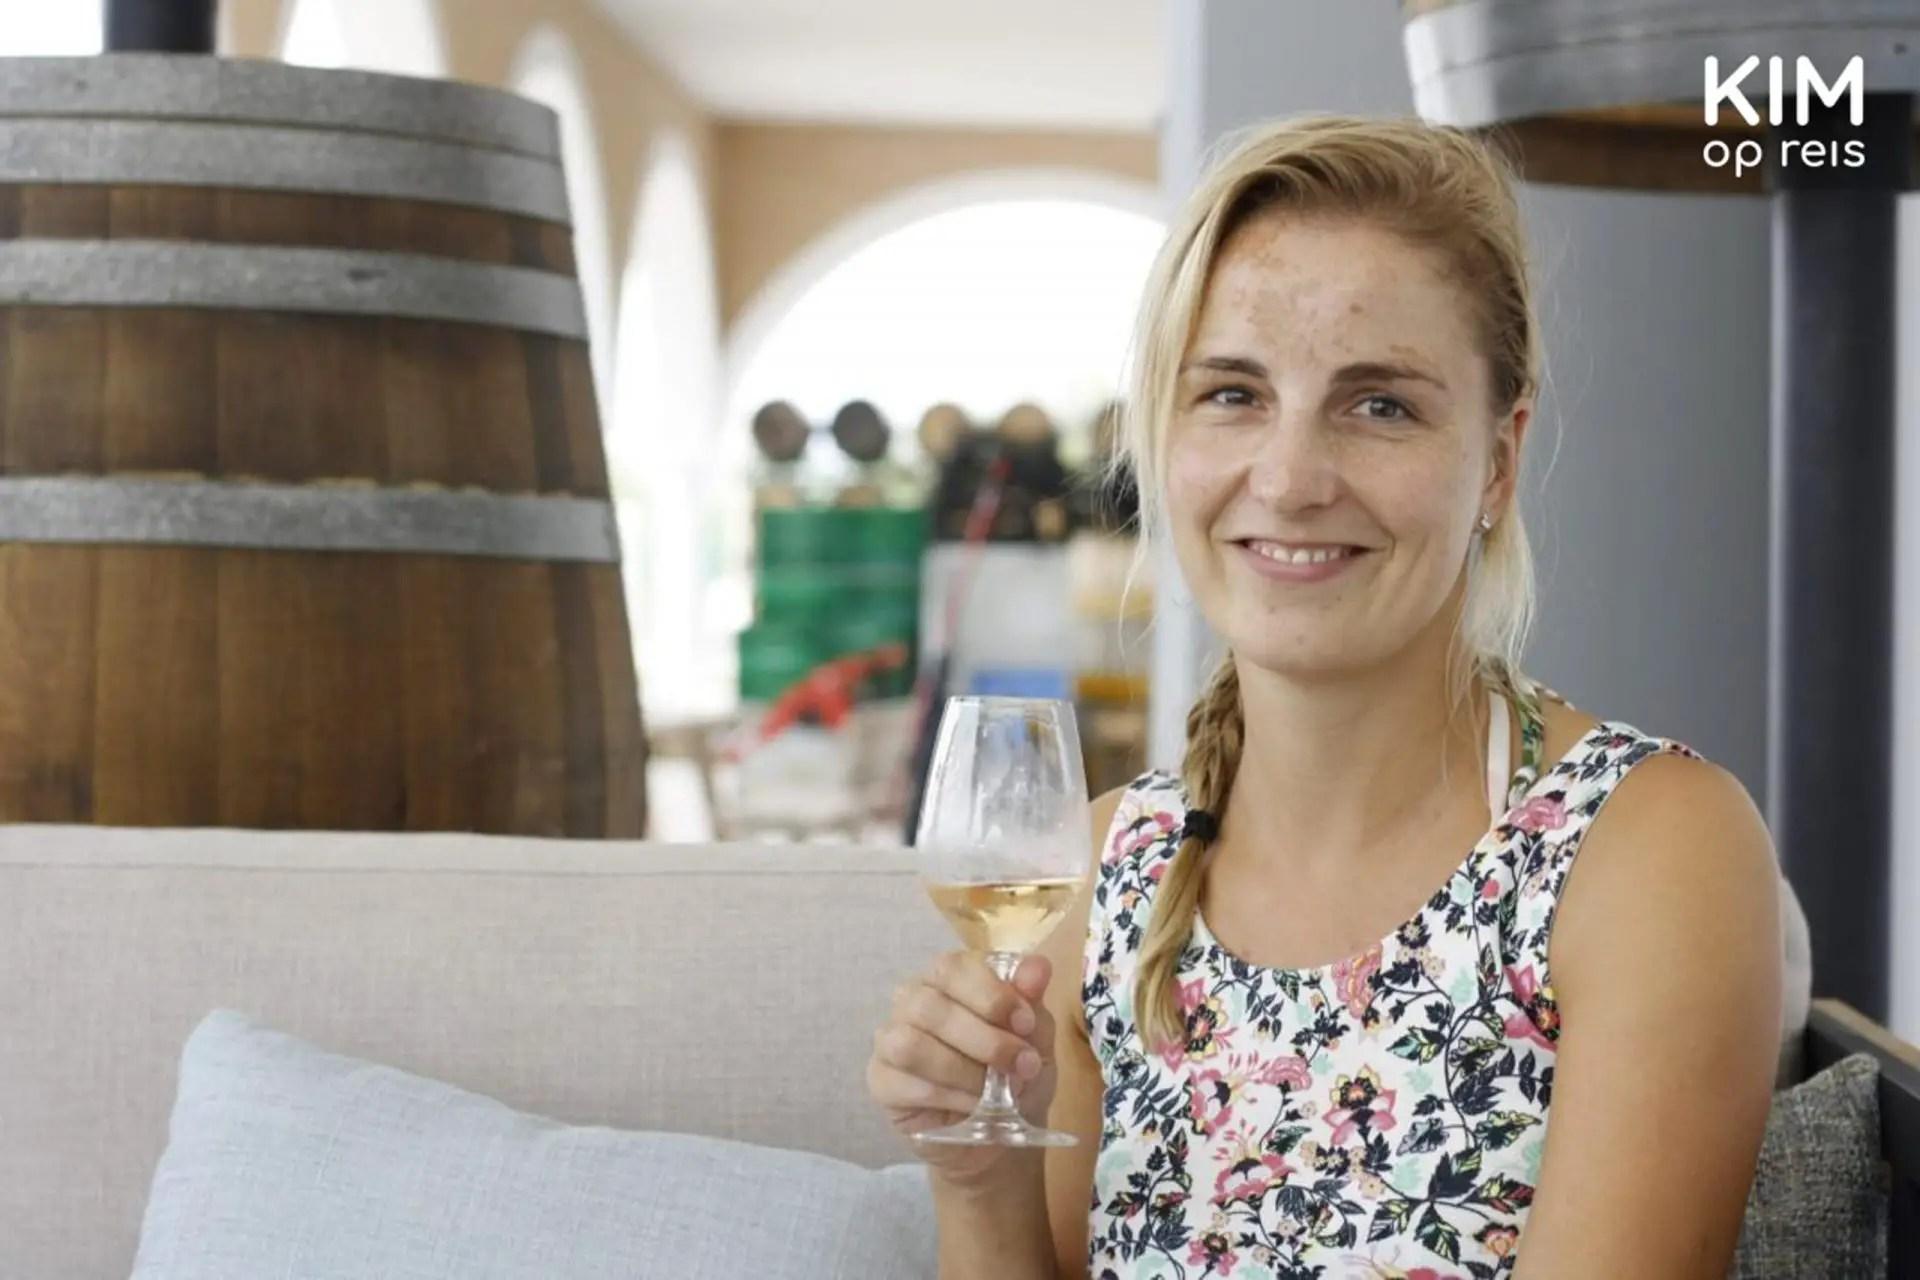 Wijnproeven Ibiza - Kim houdt een glas wijn vast